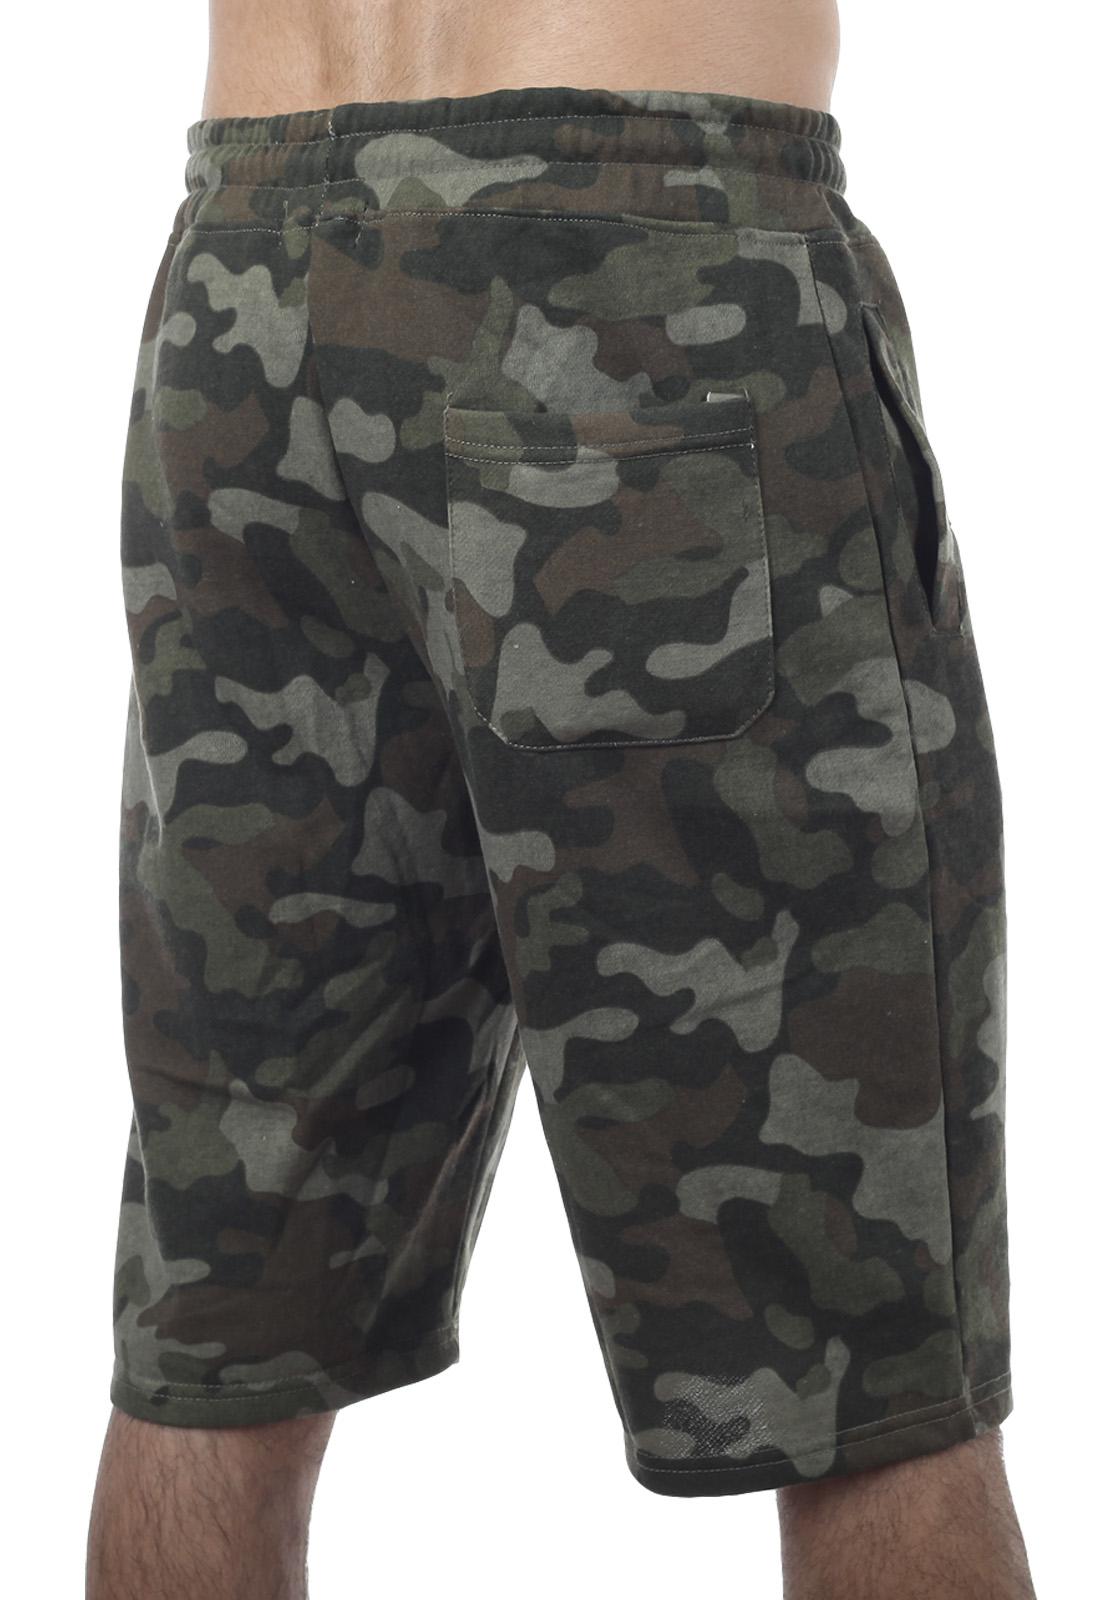 Купить в интернет магазине Военпро мужские шорты для Спецназа